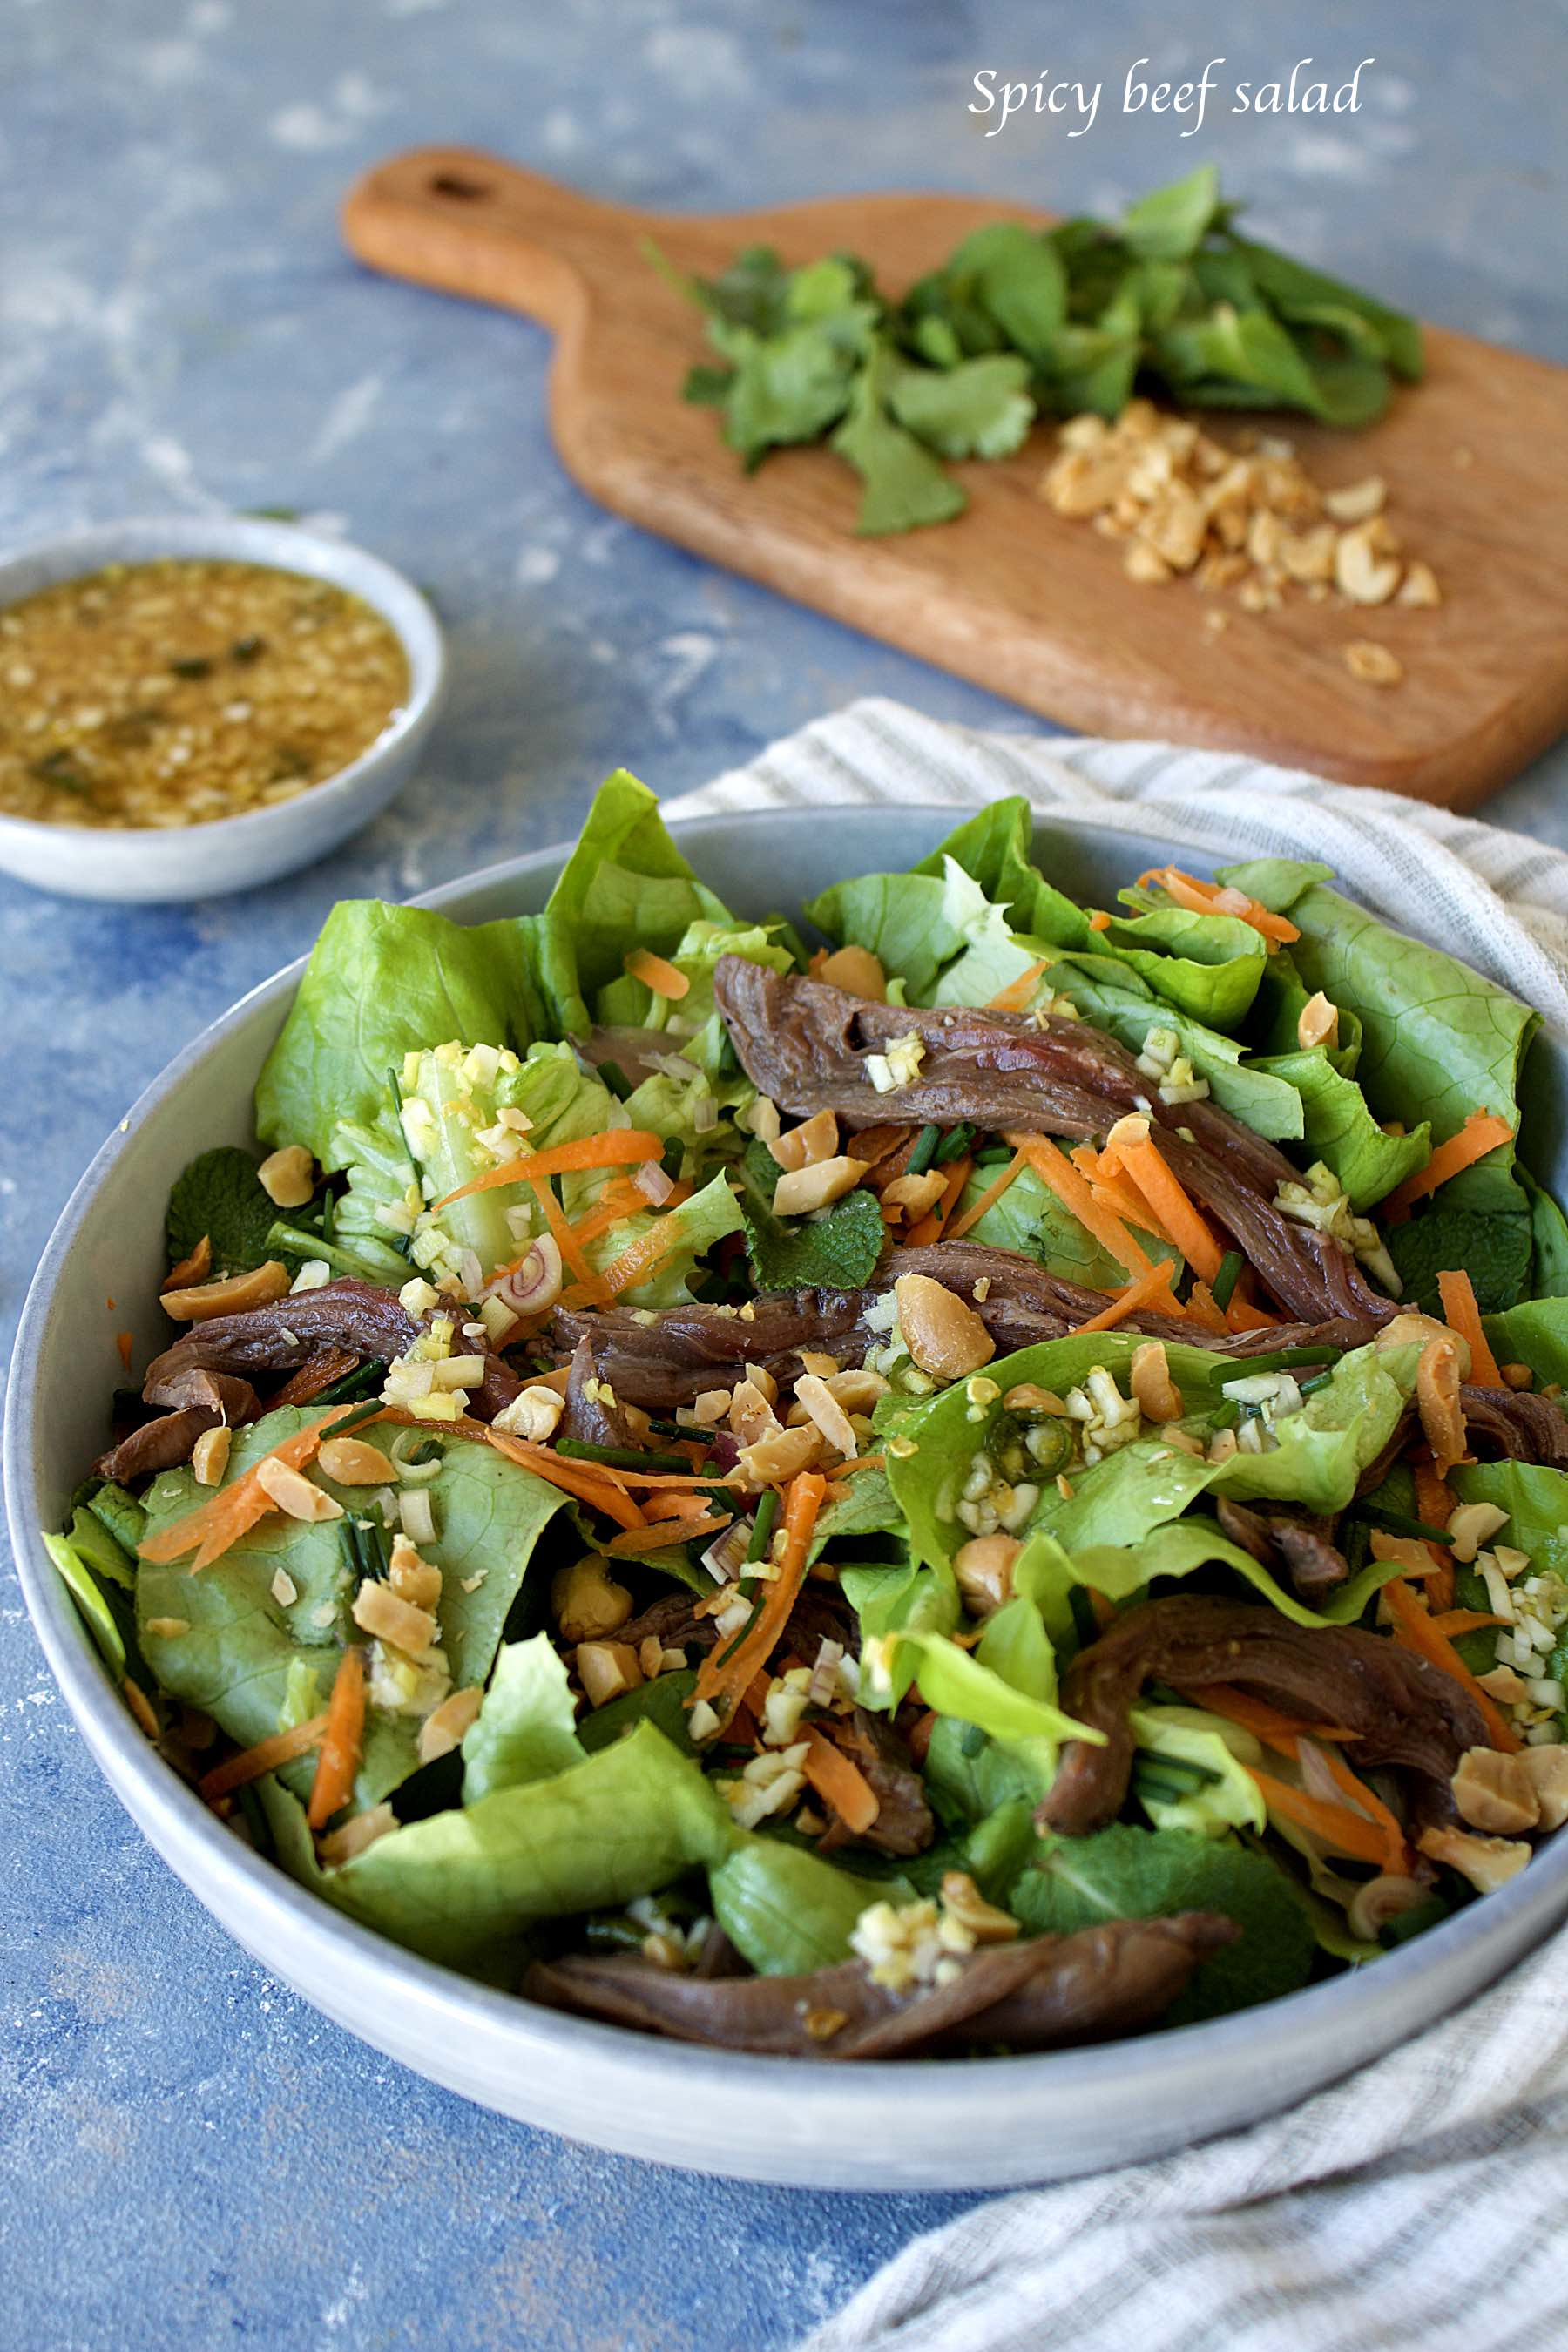 Salade de boeuf pimentée